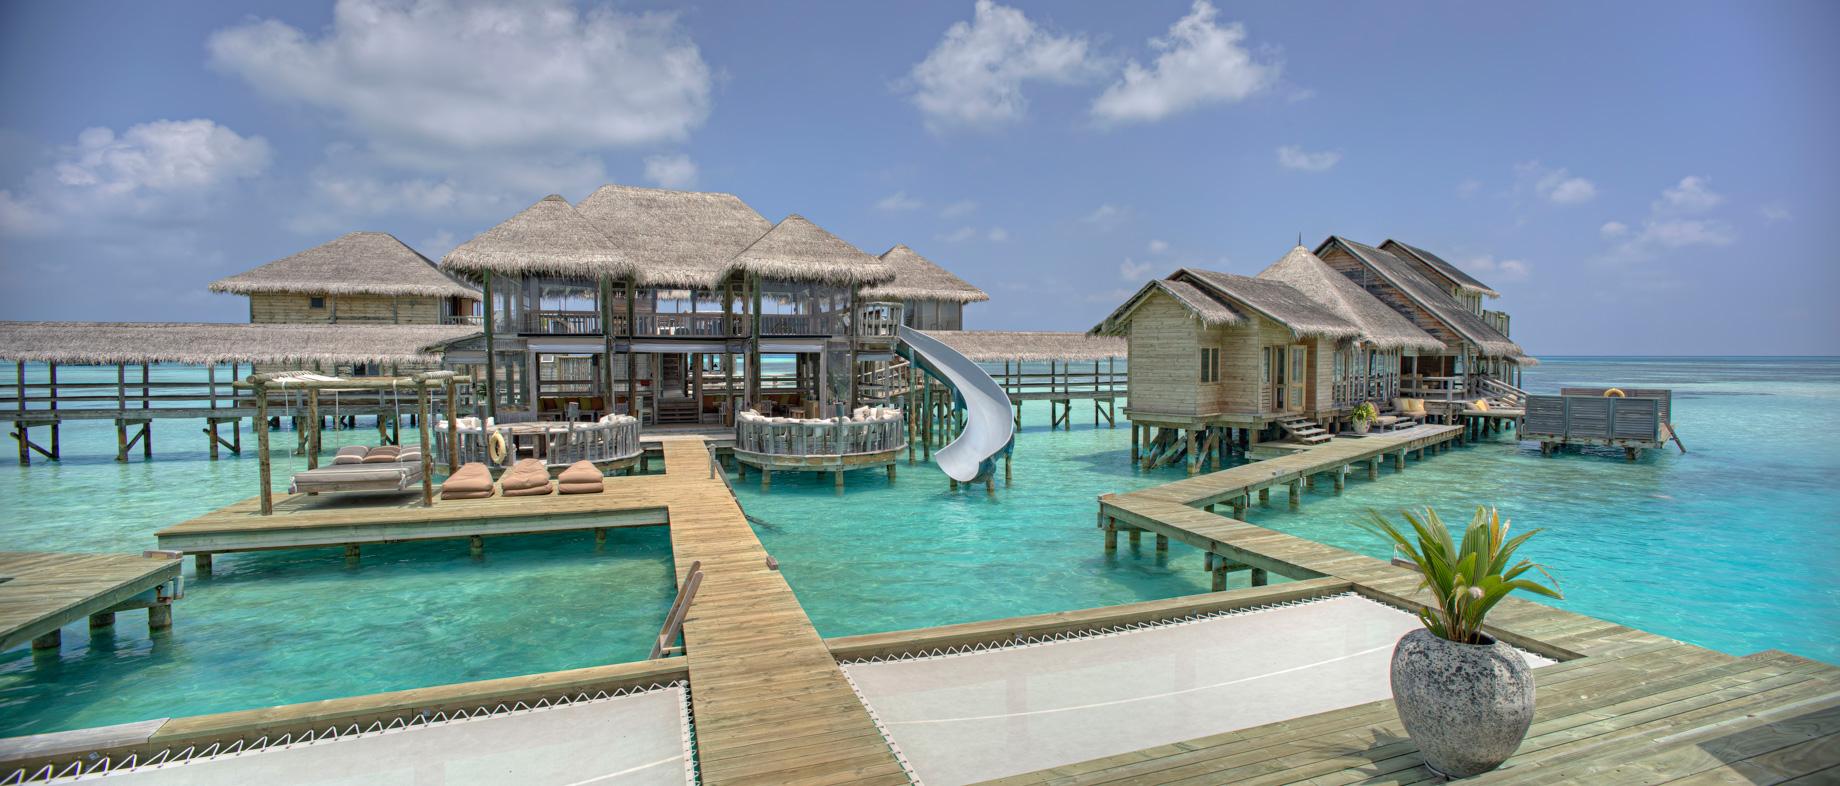 Gili Lankanfushi Luxury Resort - North Male Atoll, Maldives - The Private Reserve Boardwalk